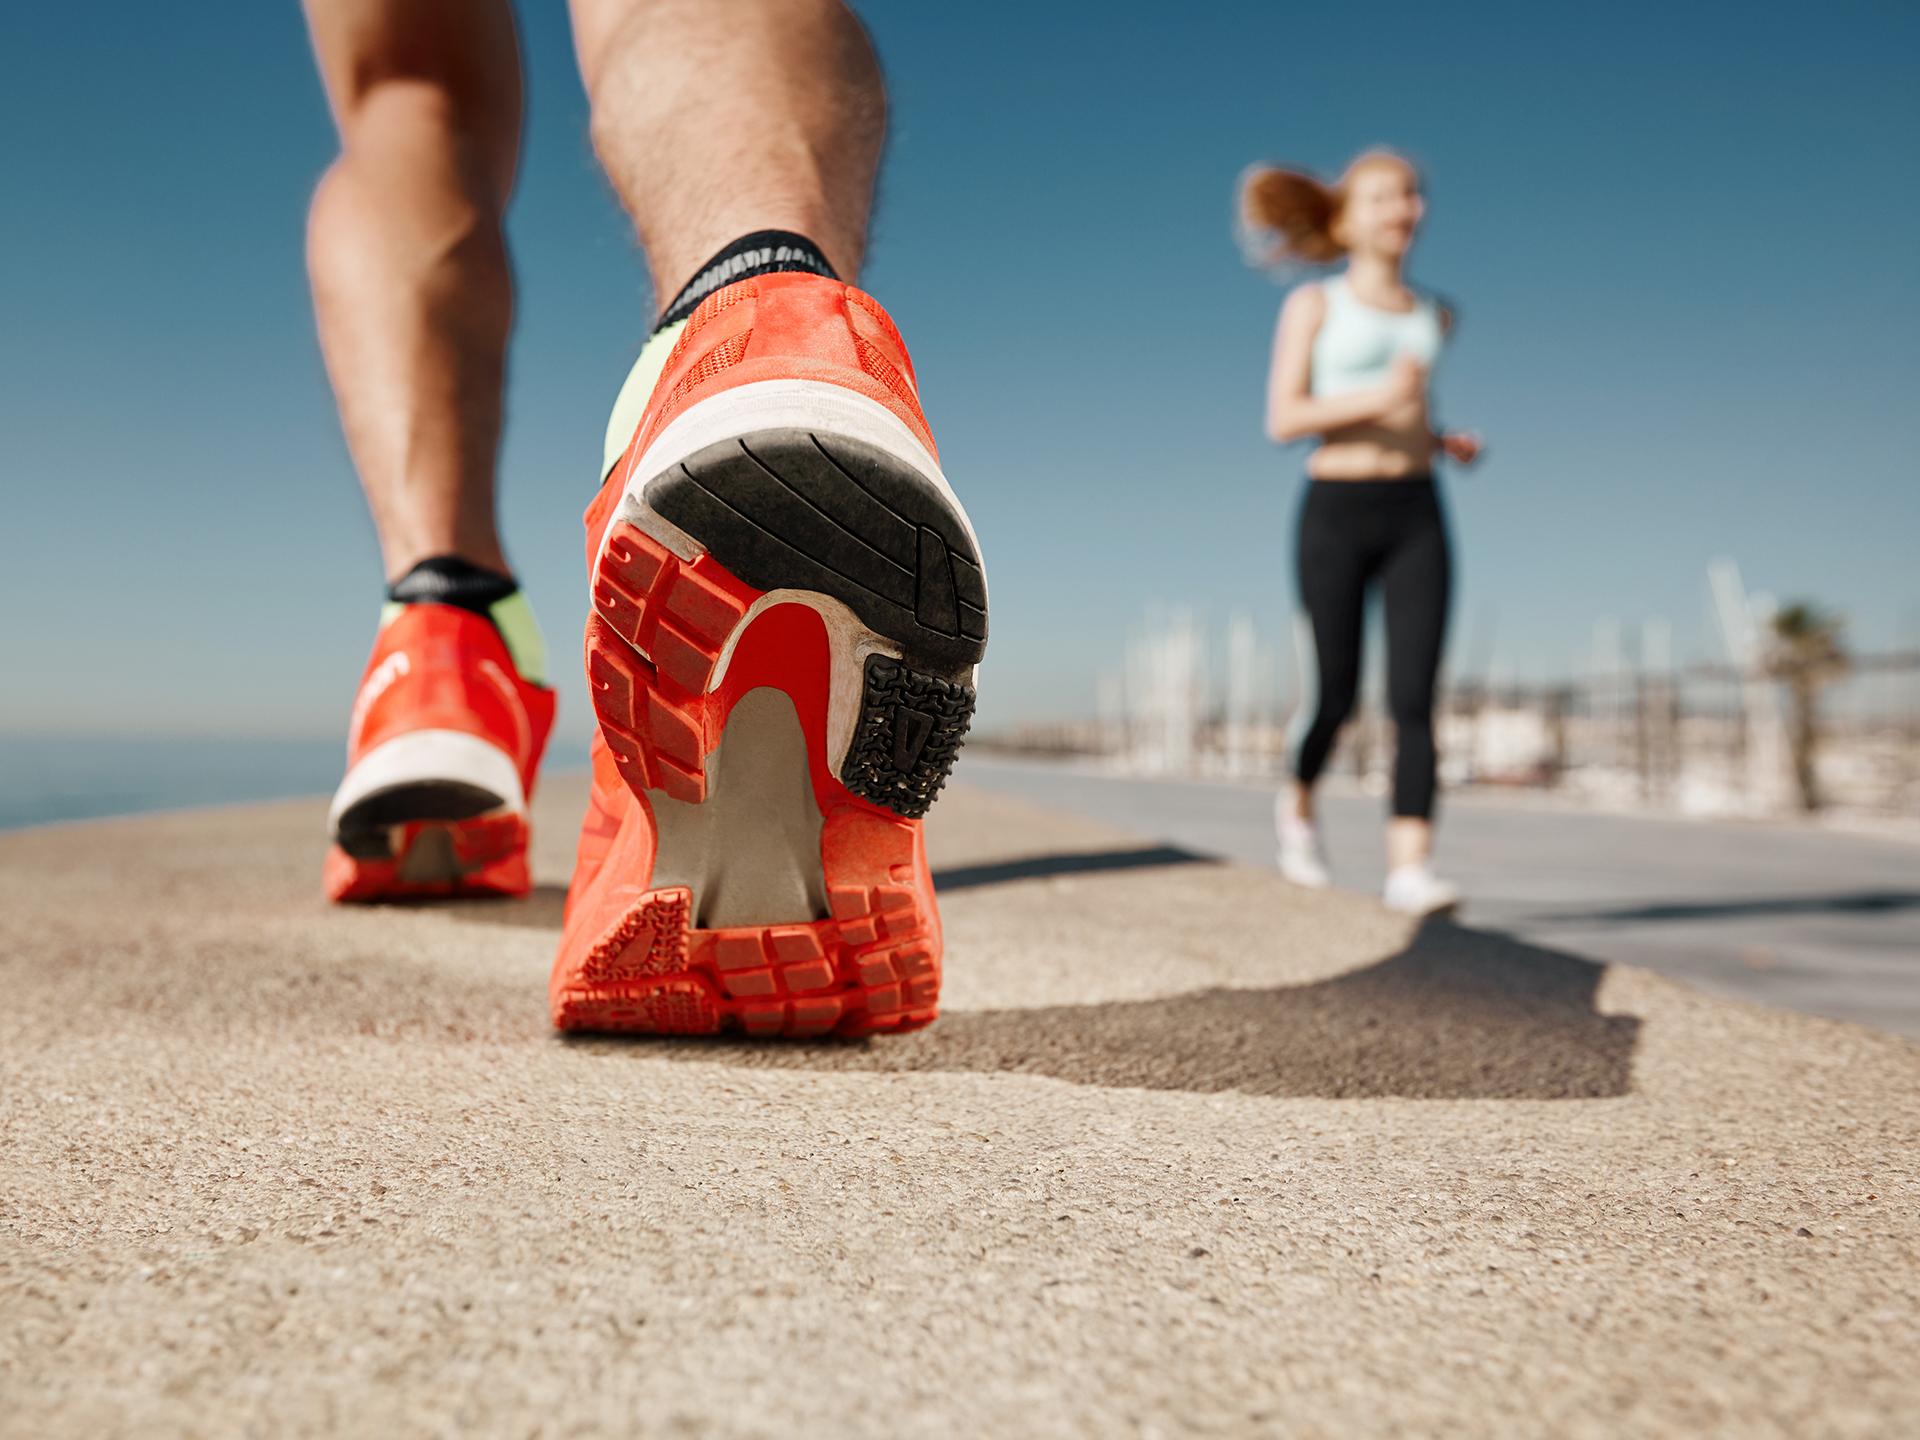 マラソン・ランニング専門ケアのご案内|東京・三鷹のヘルスラボスポーツ